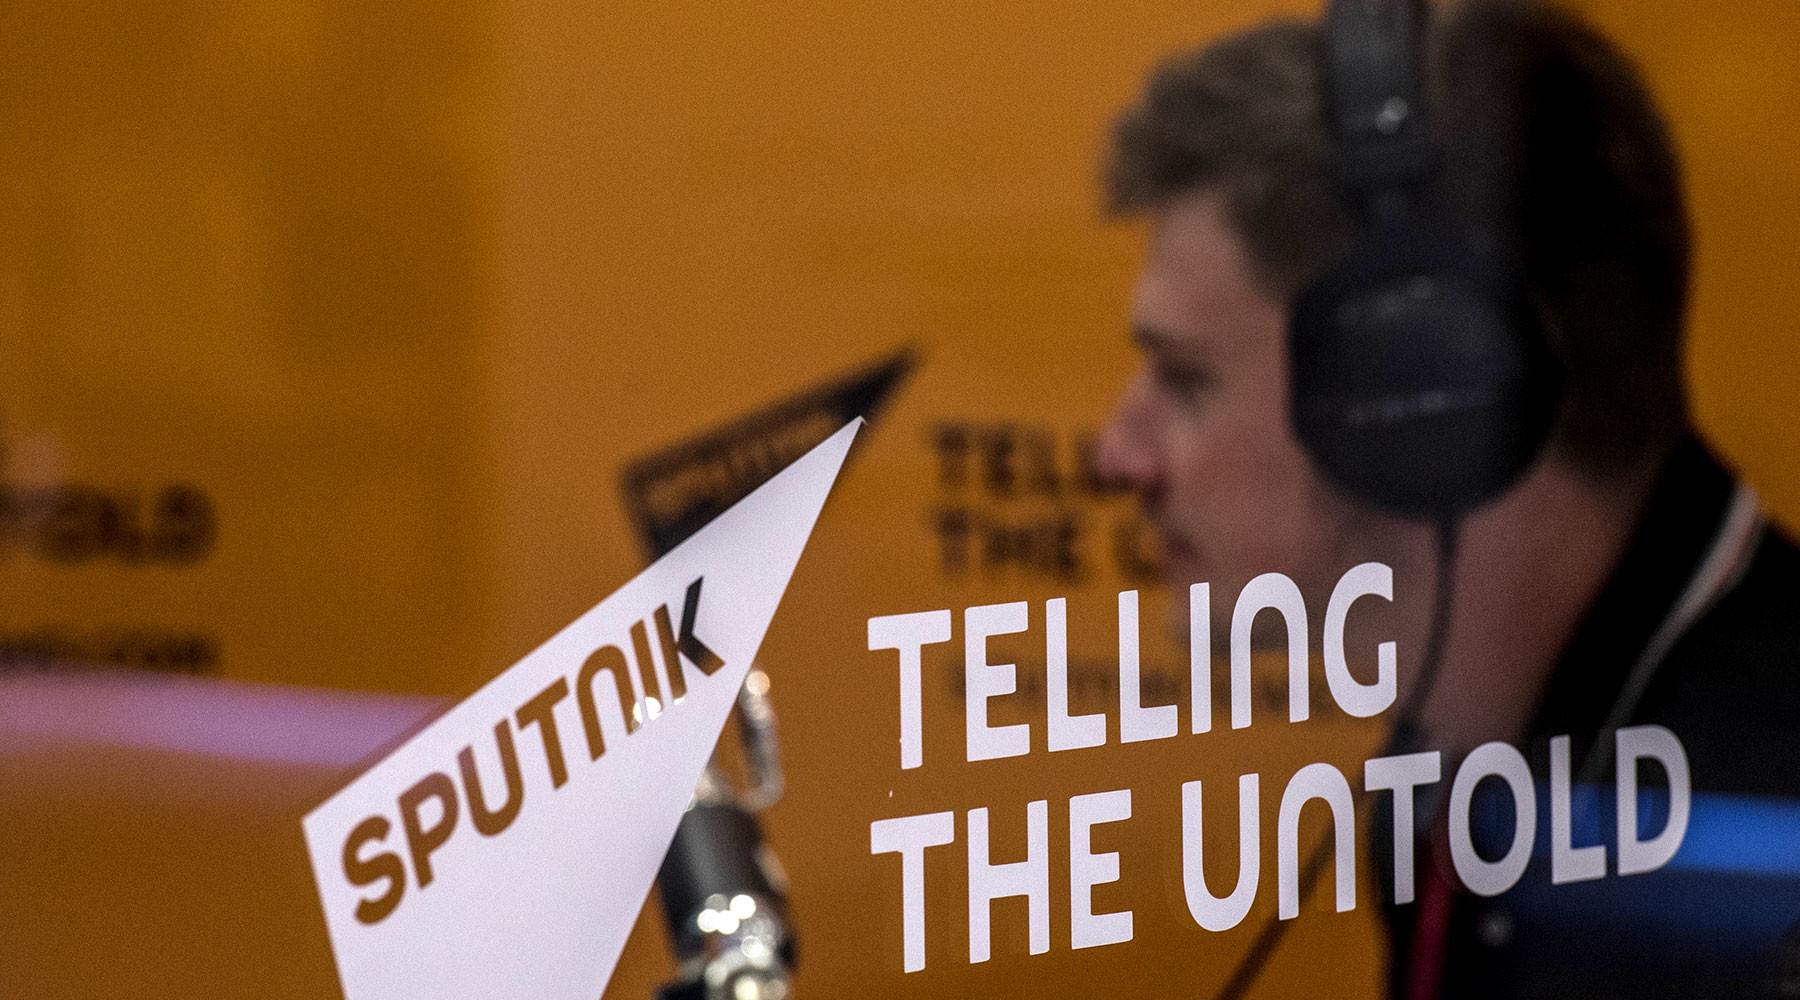 посольство России в США предостерегло американские власти от шагов против российских СМИ »